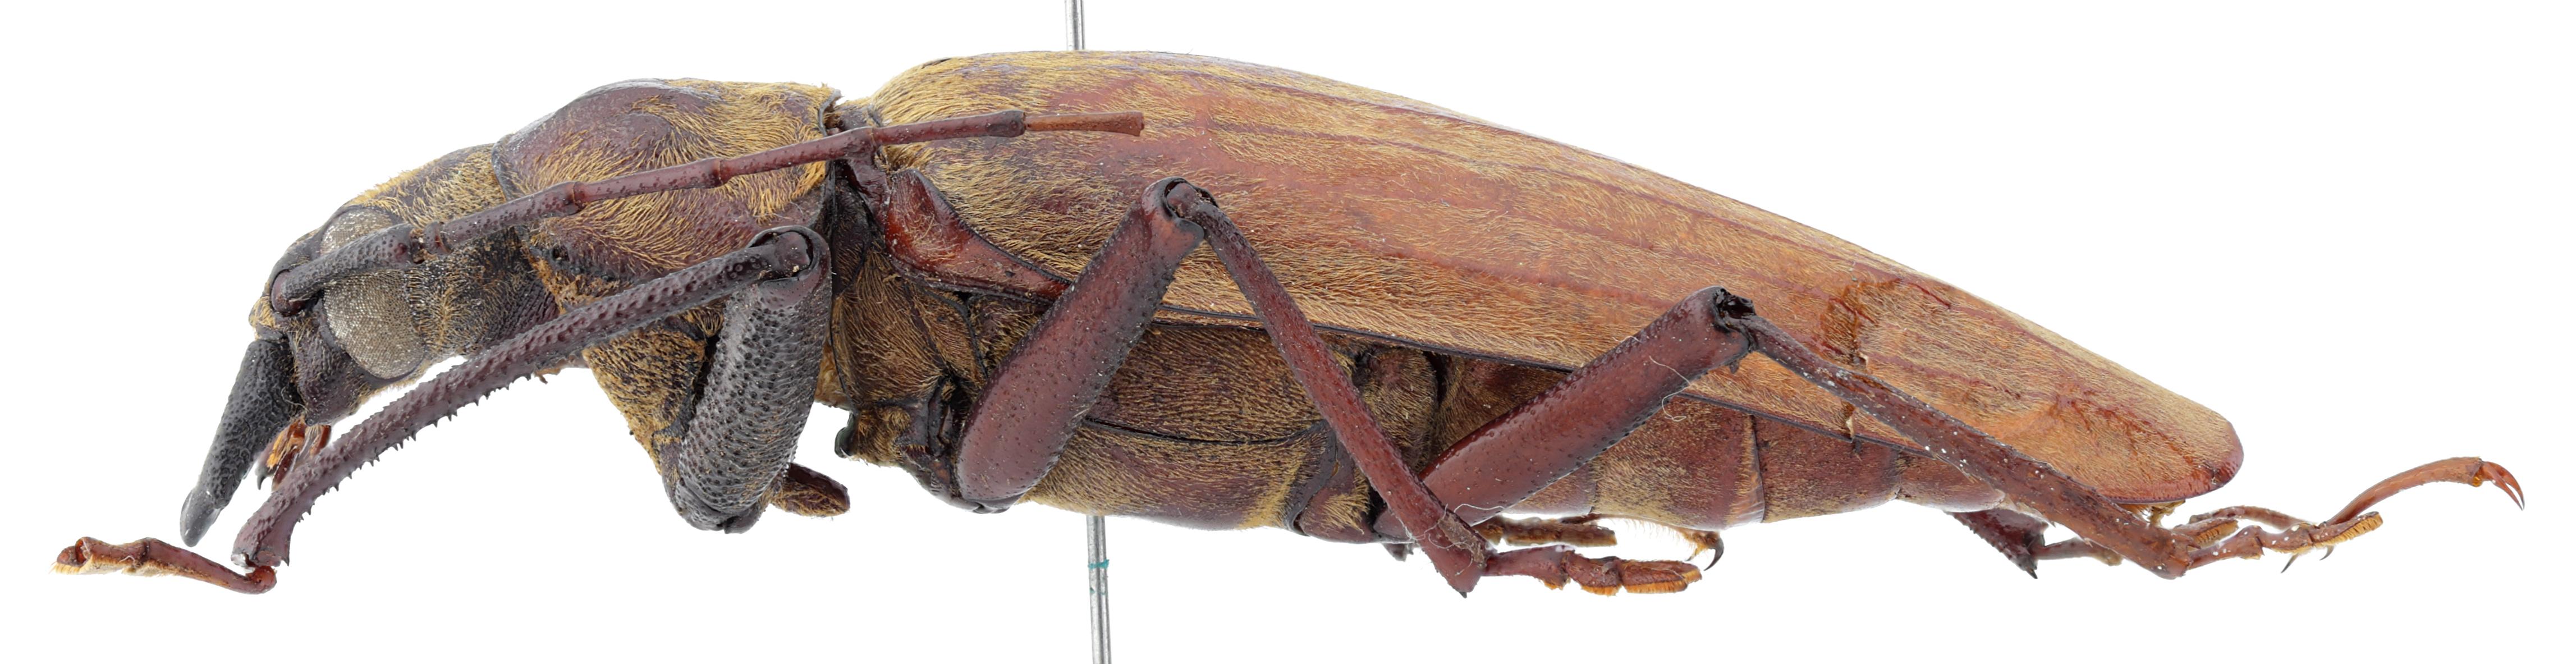 Clinopleurus lansbergei st L.jpg